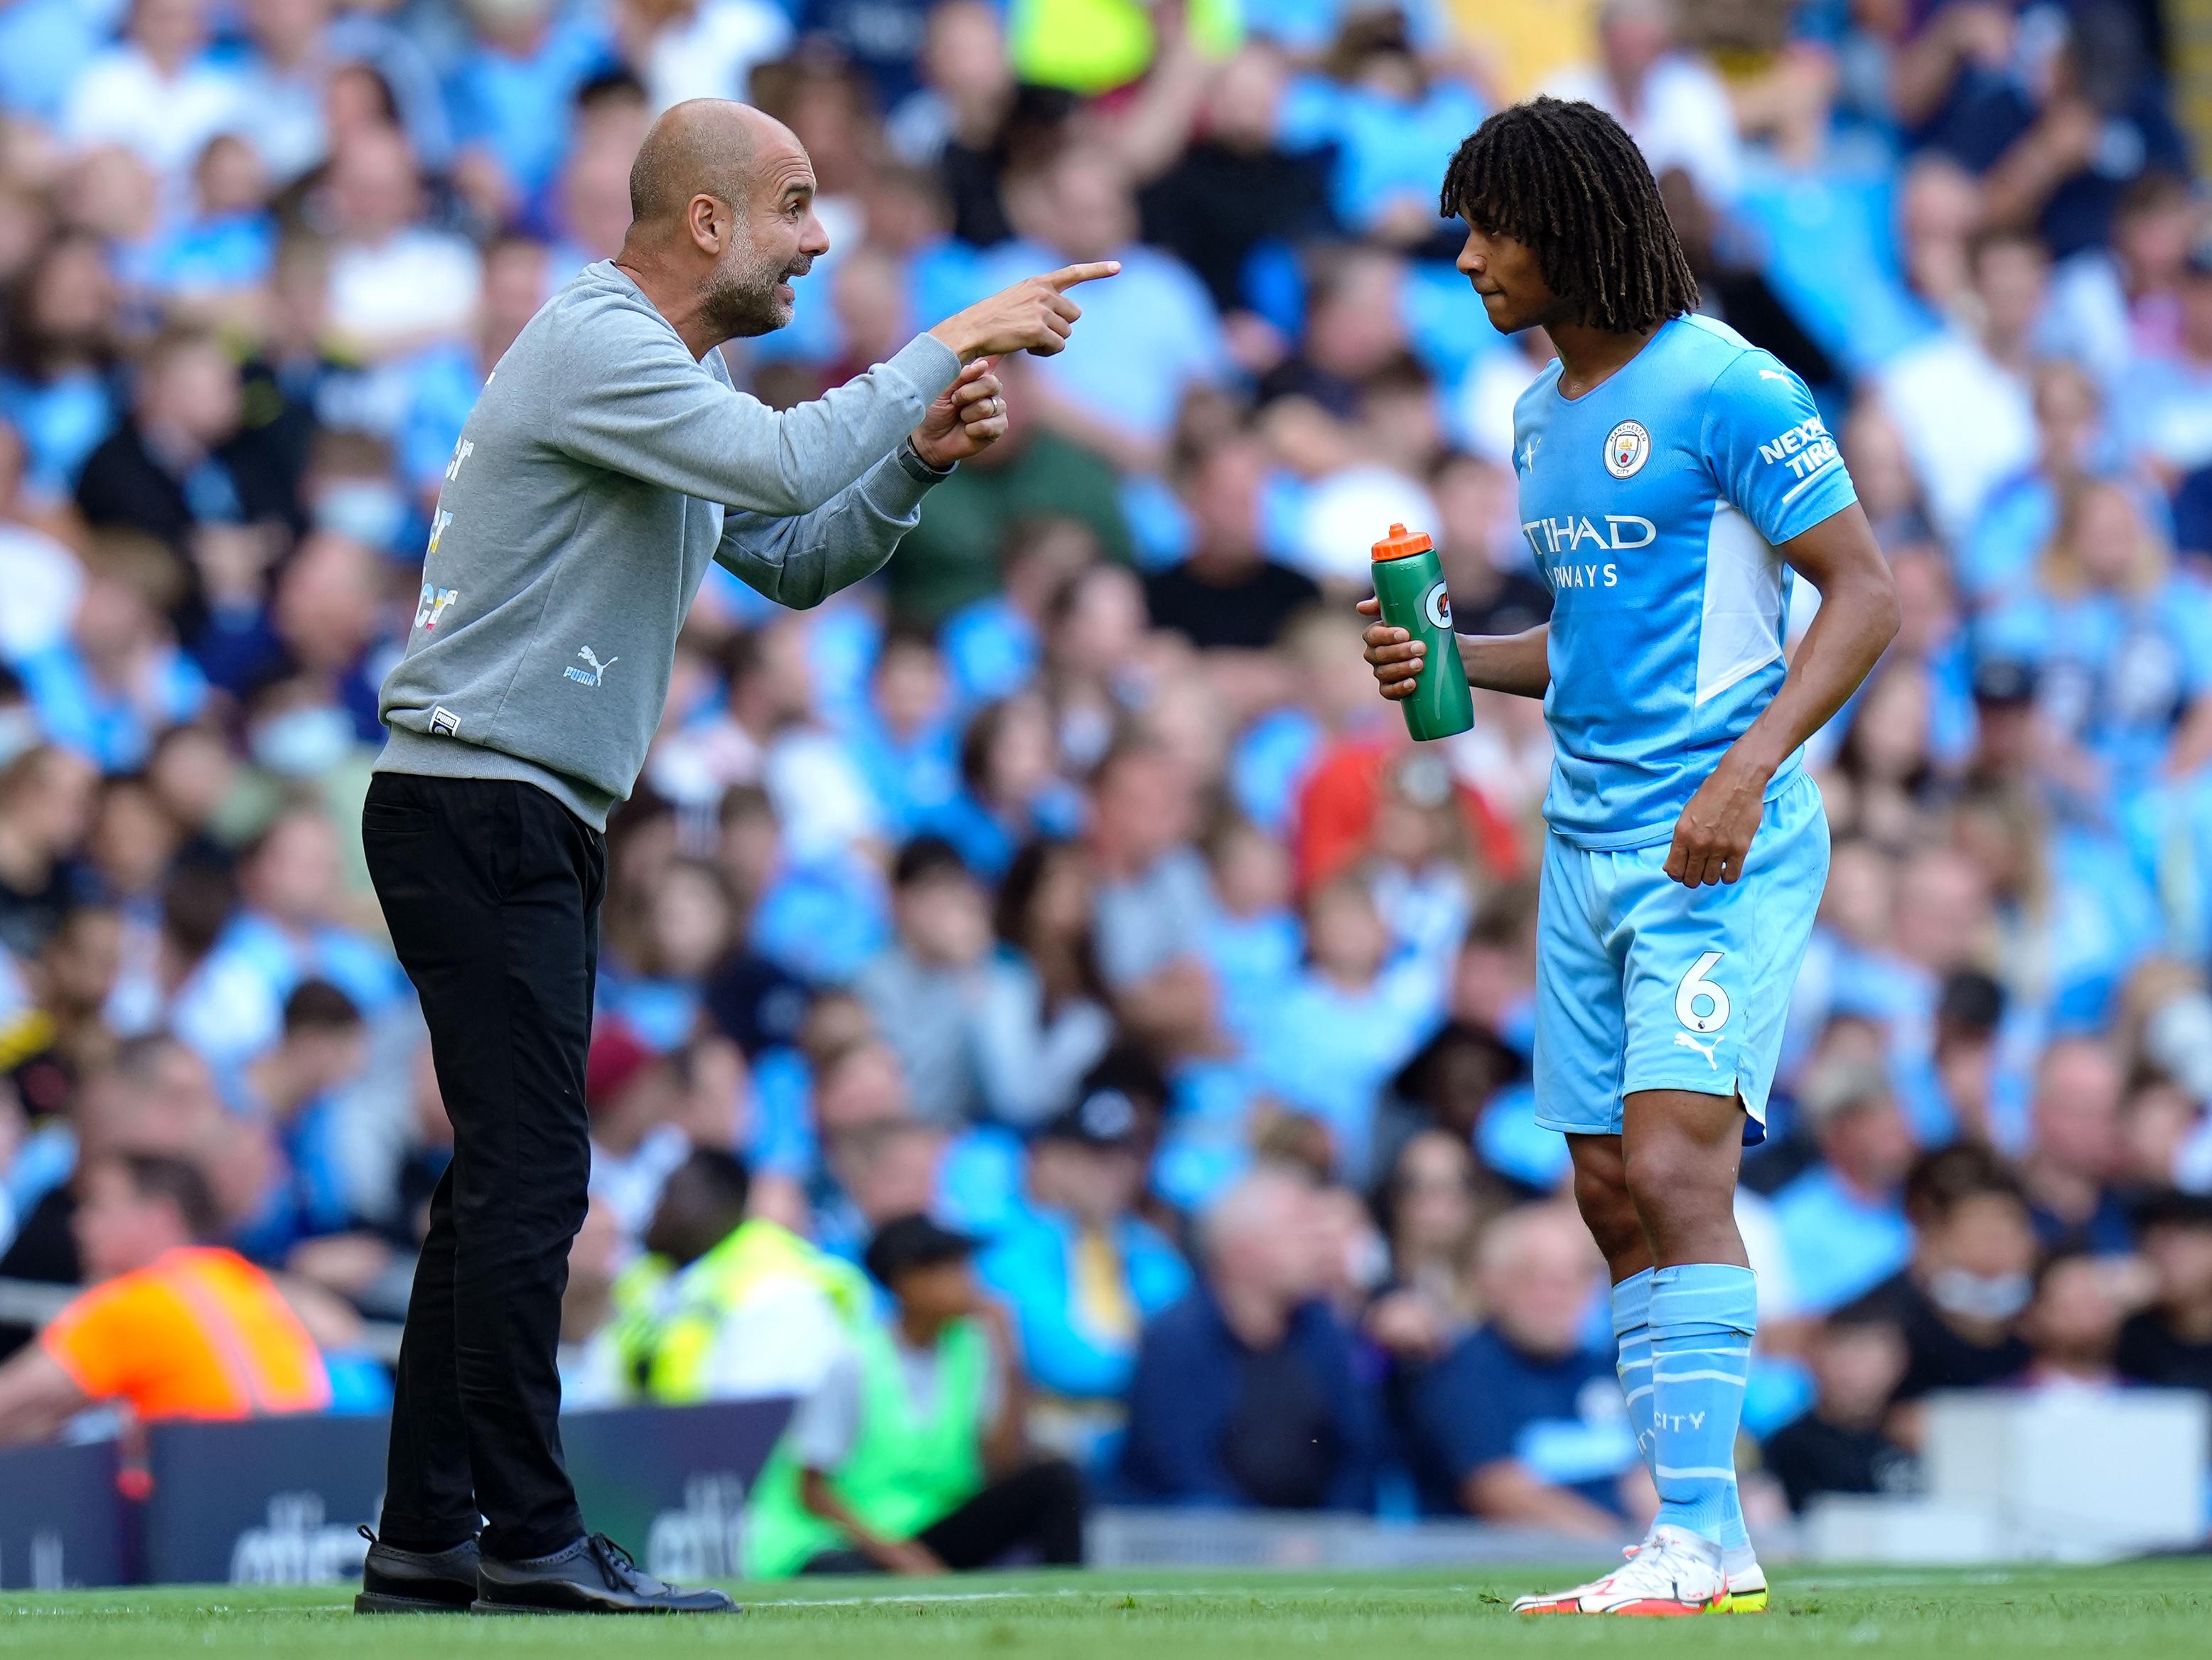 Pep Guardiola - Manchester City - Premier League